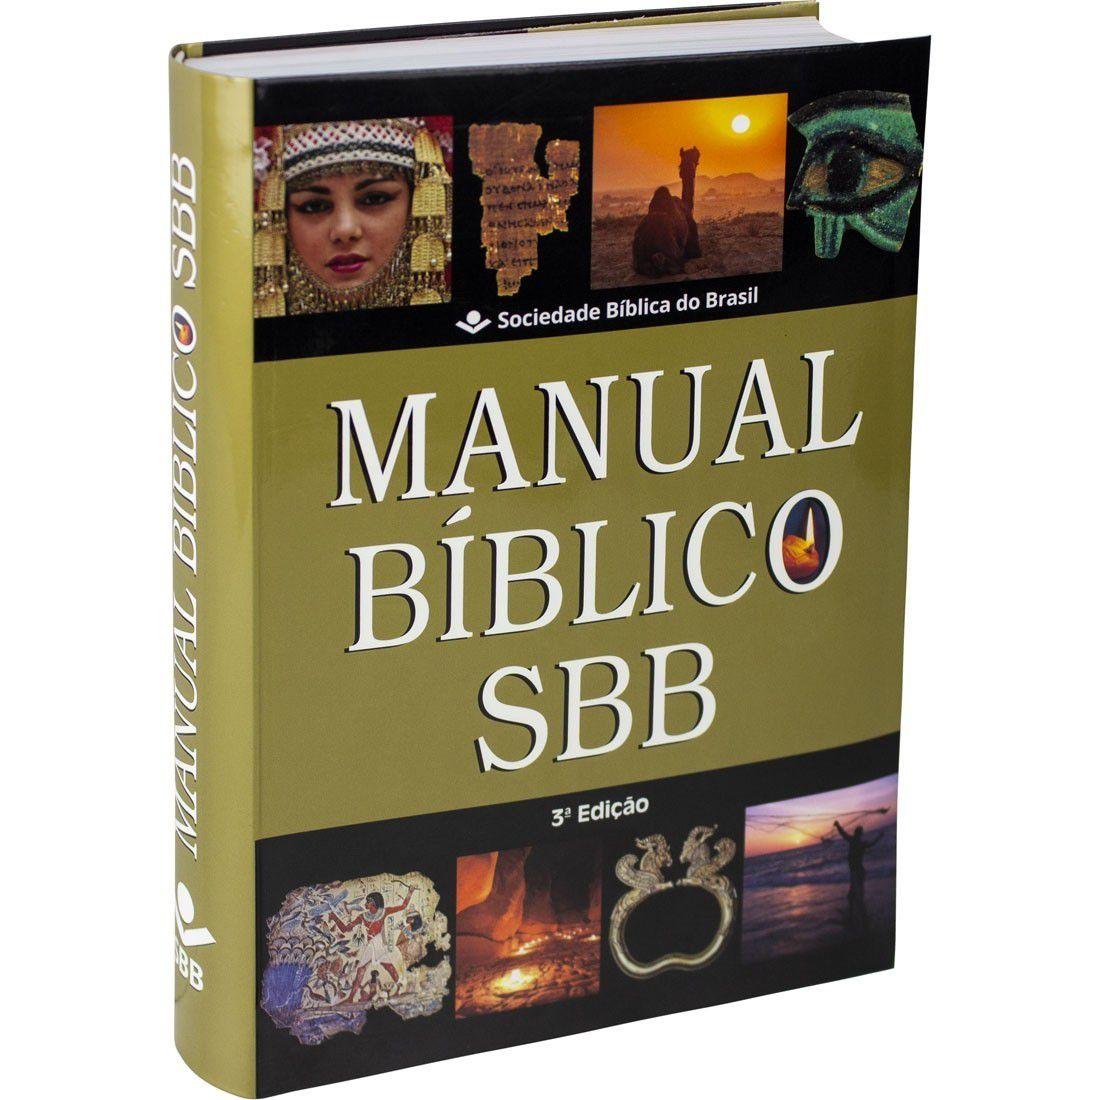 Livro Manual Bíblico SBB - 3ª Edição